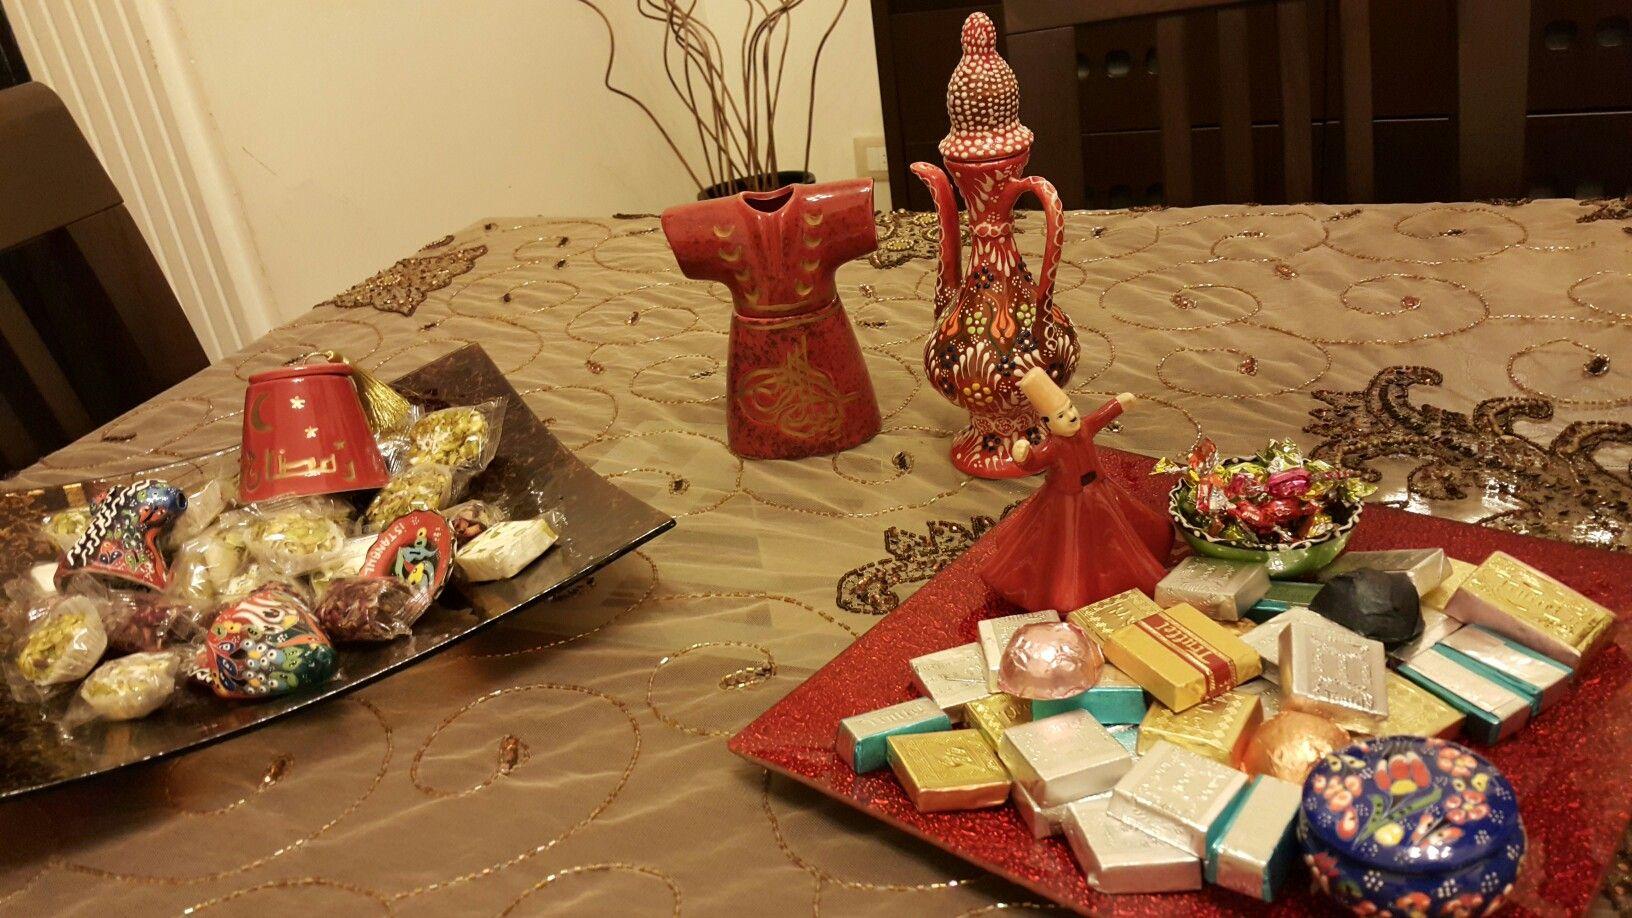 Eid Sweets In Turkish Mood Eid Sweets Ramadan Decorations Eid